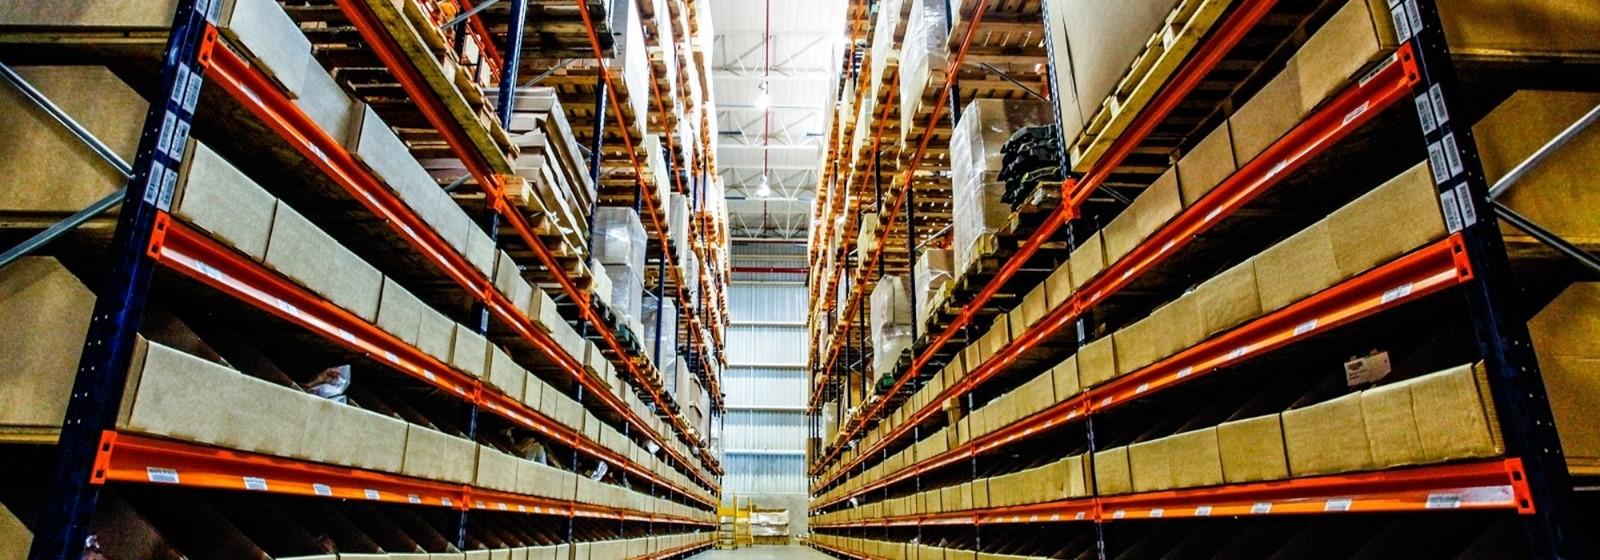 guarda-móveis-armazenamento-caixas